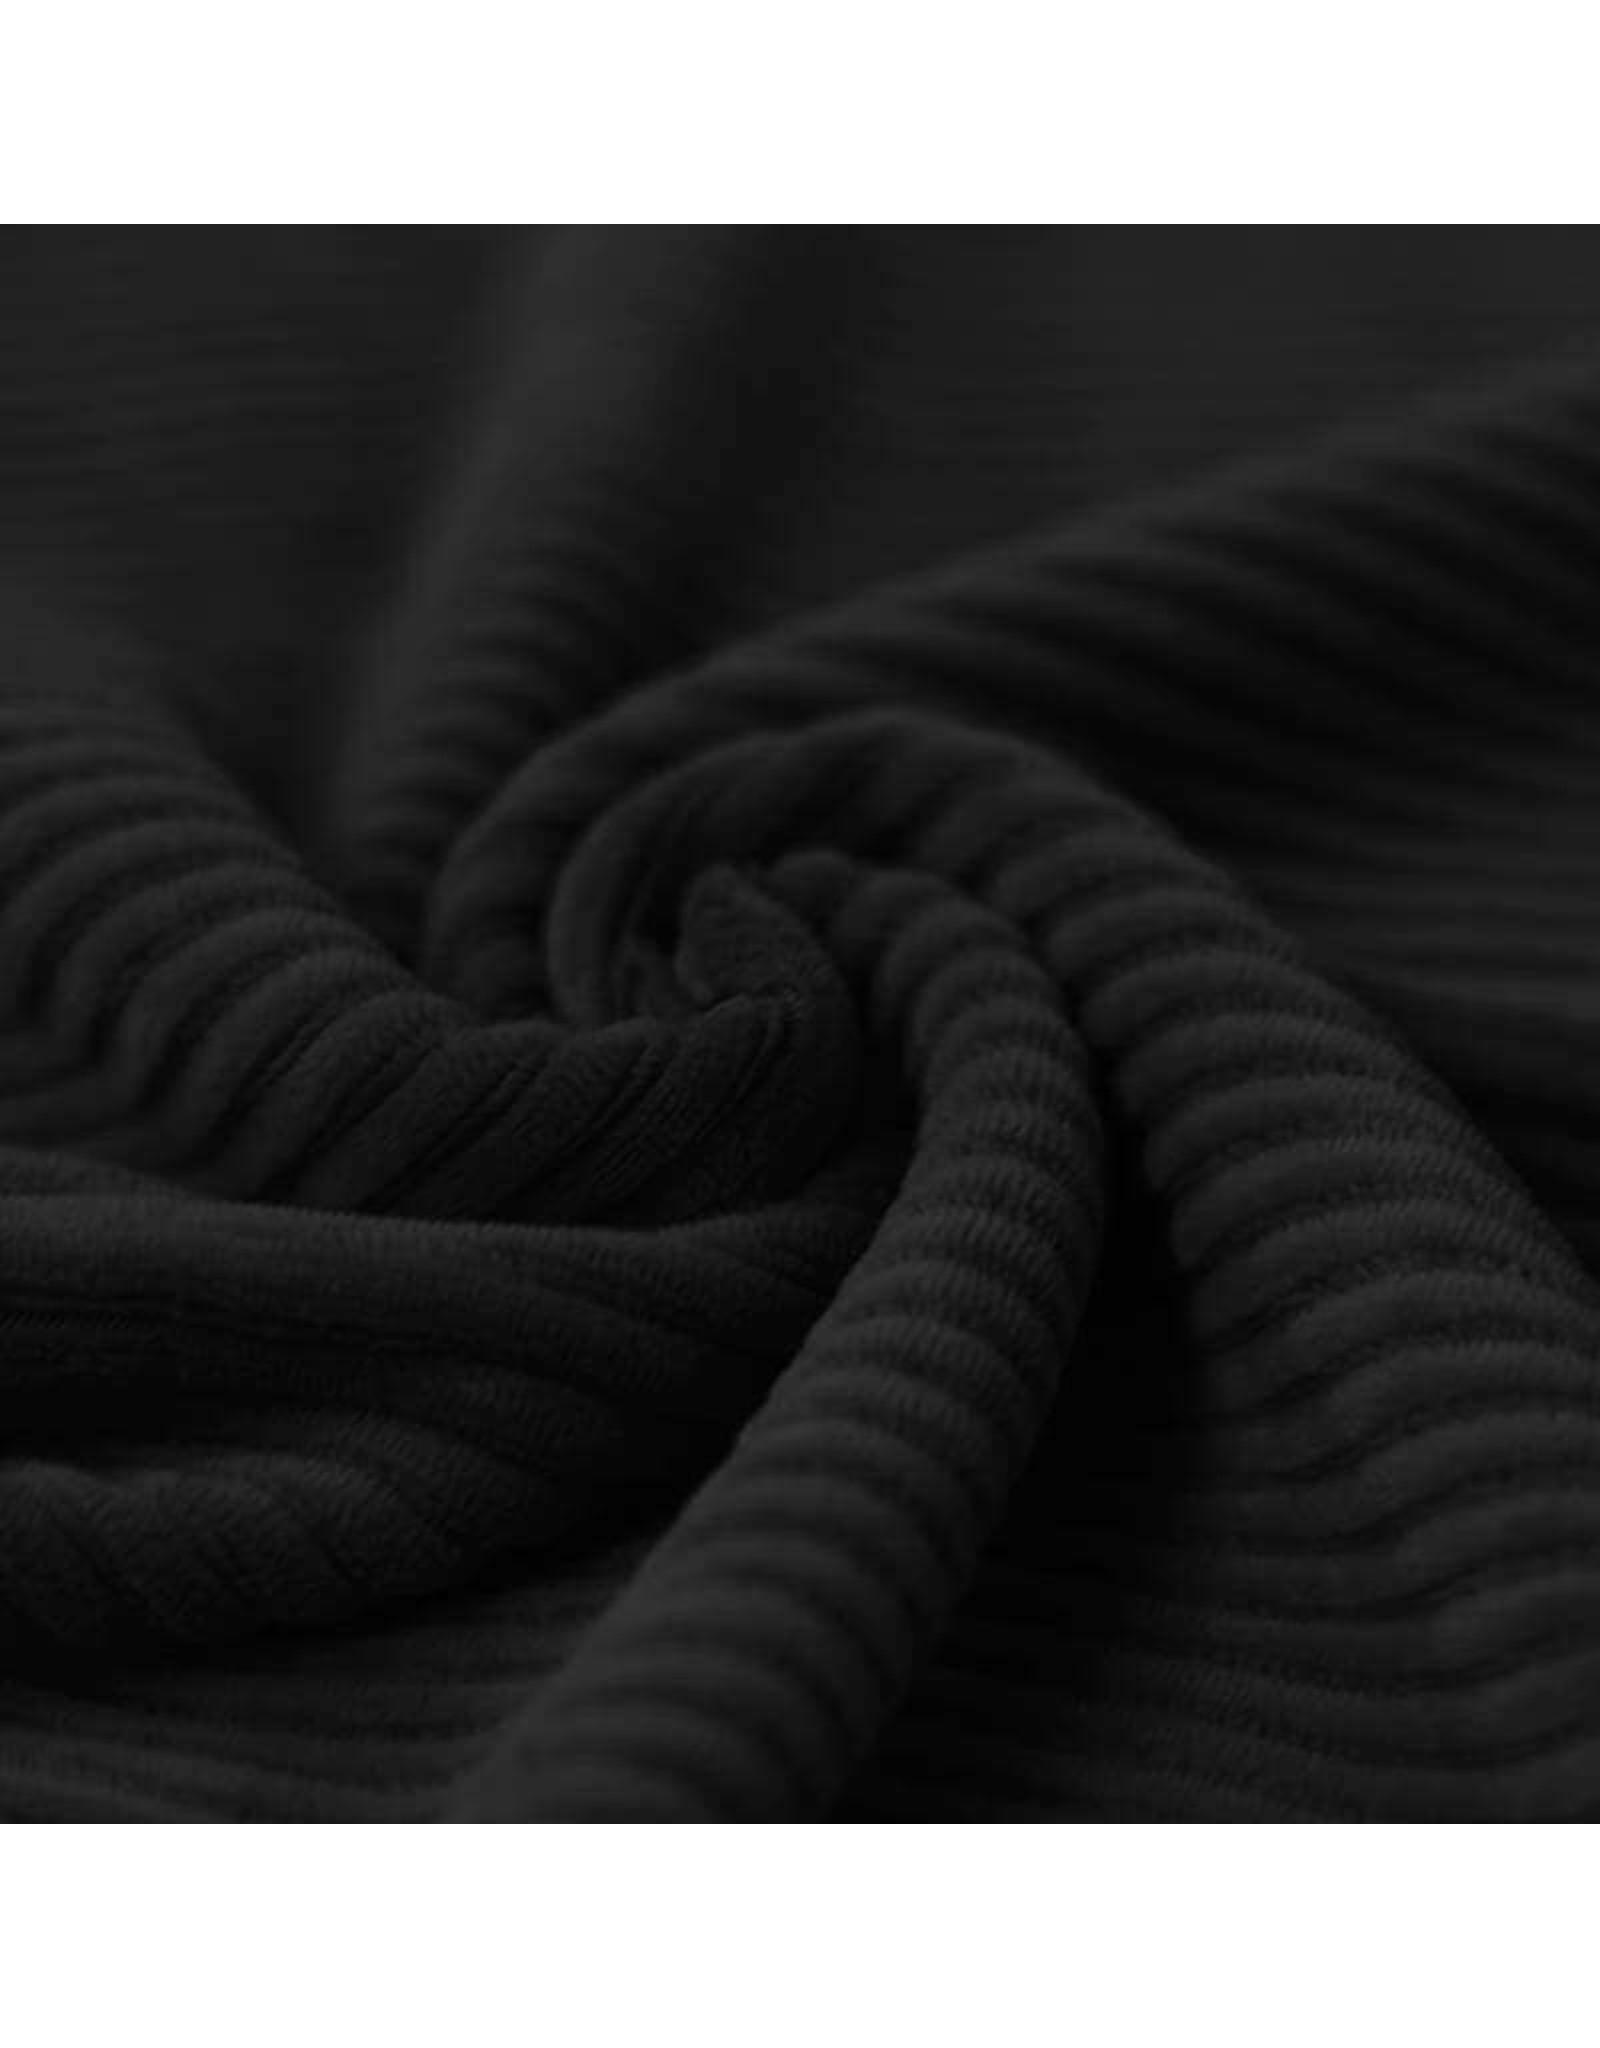 Stik-Stof Brede rib jersey zwart